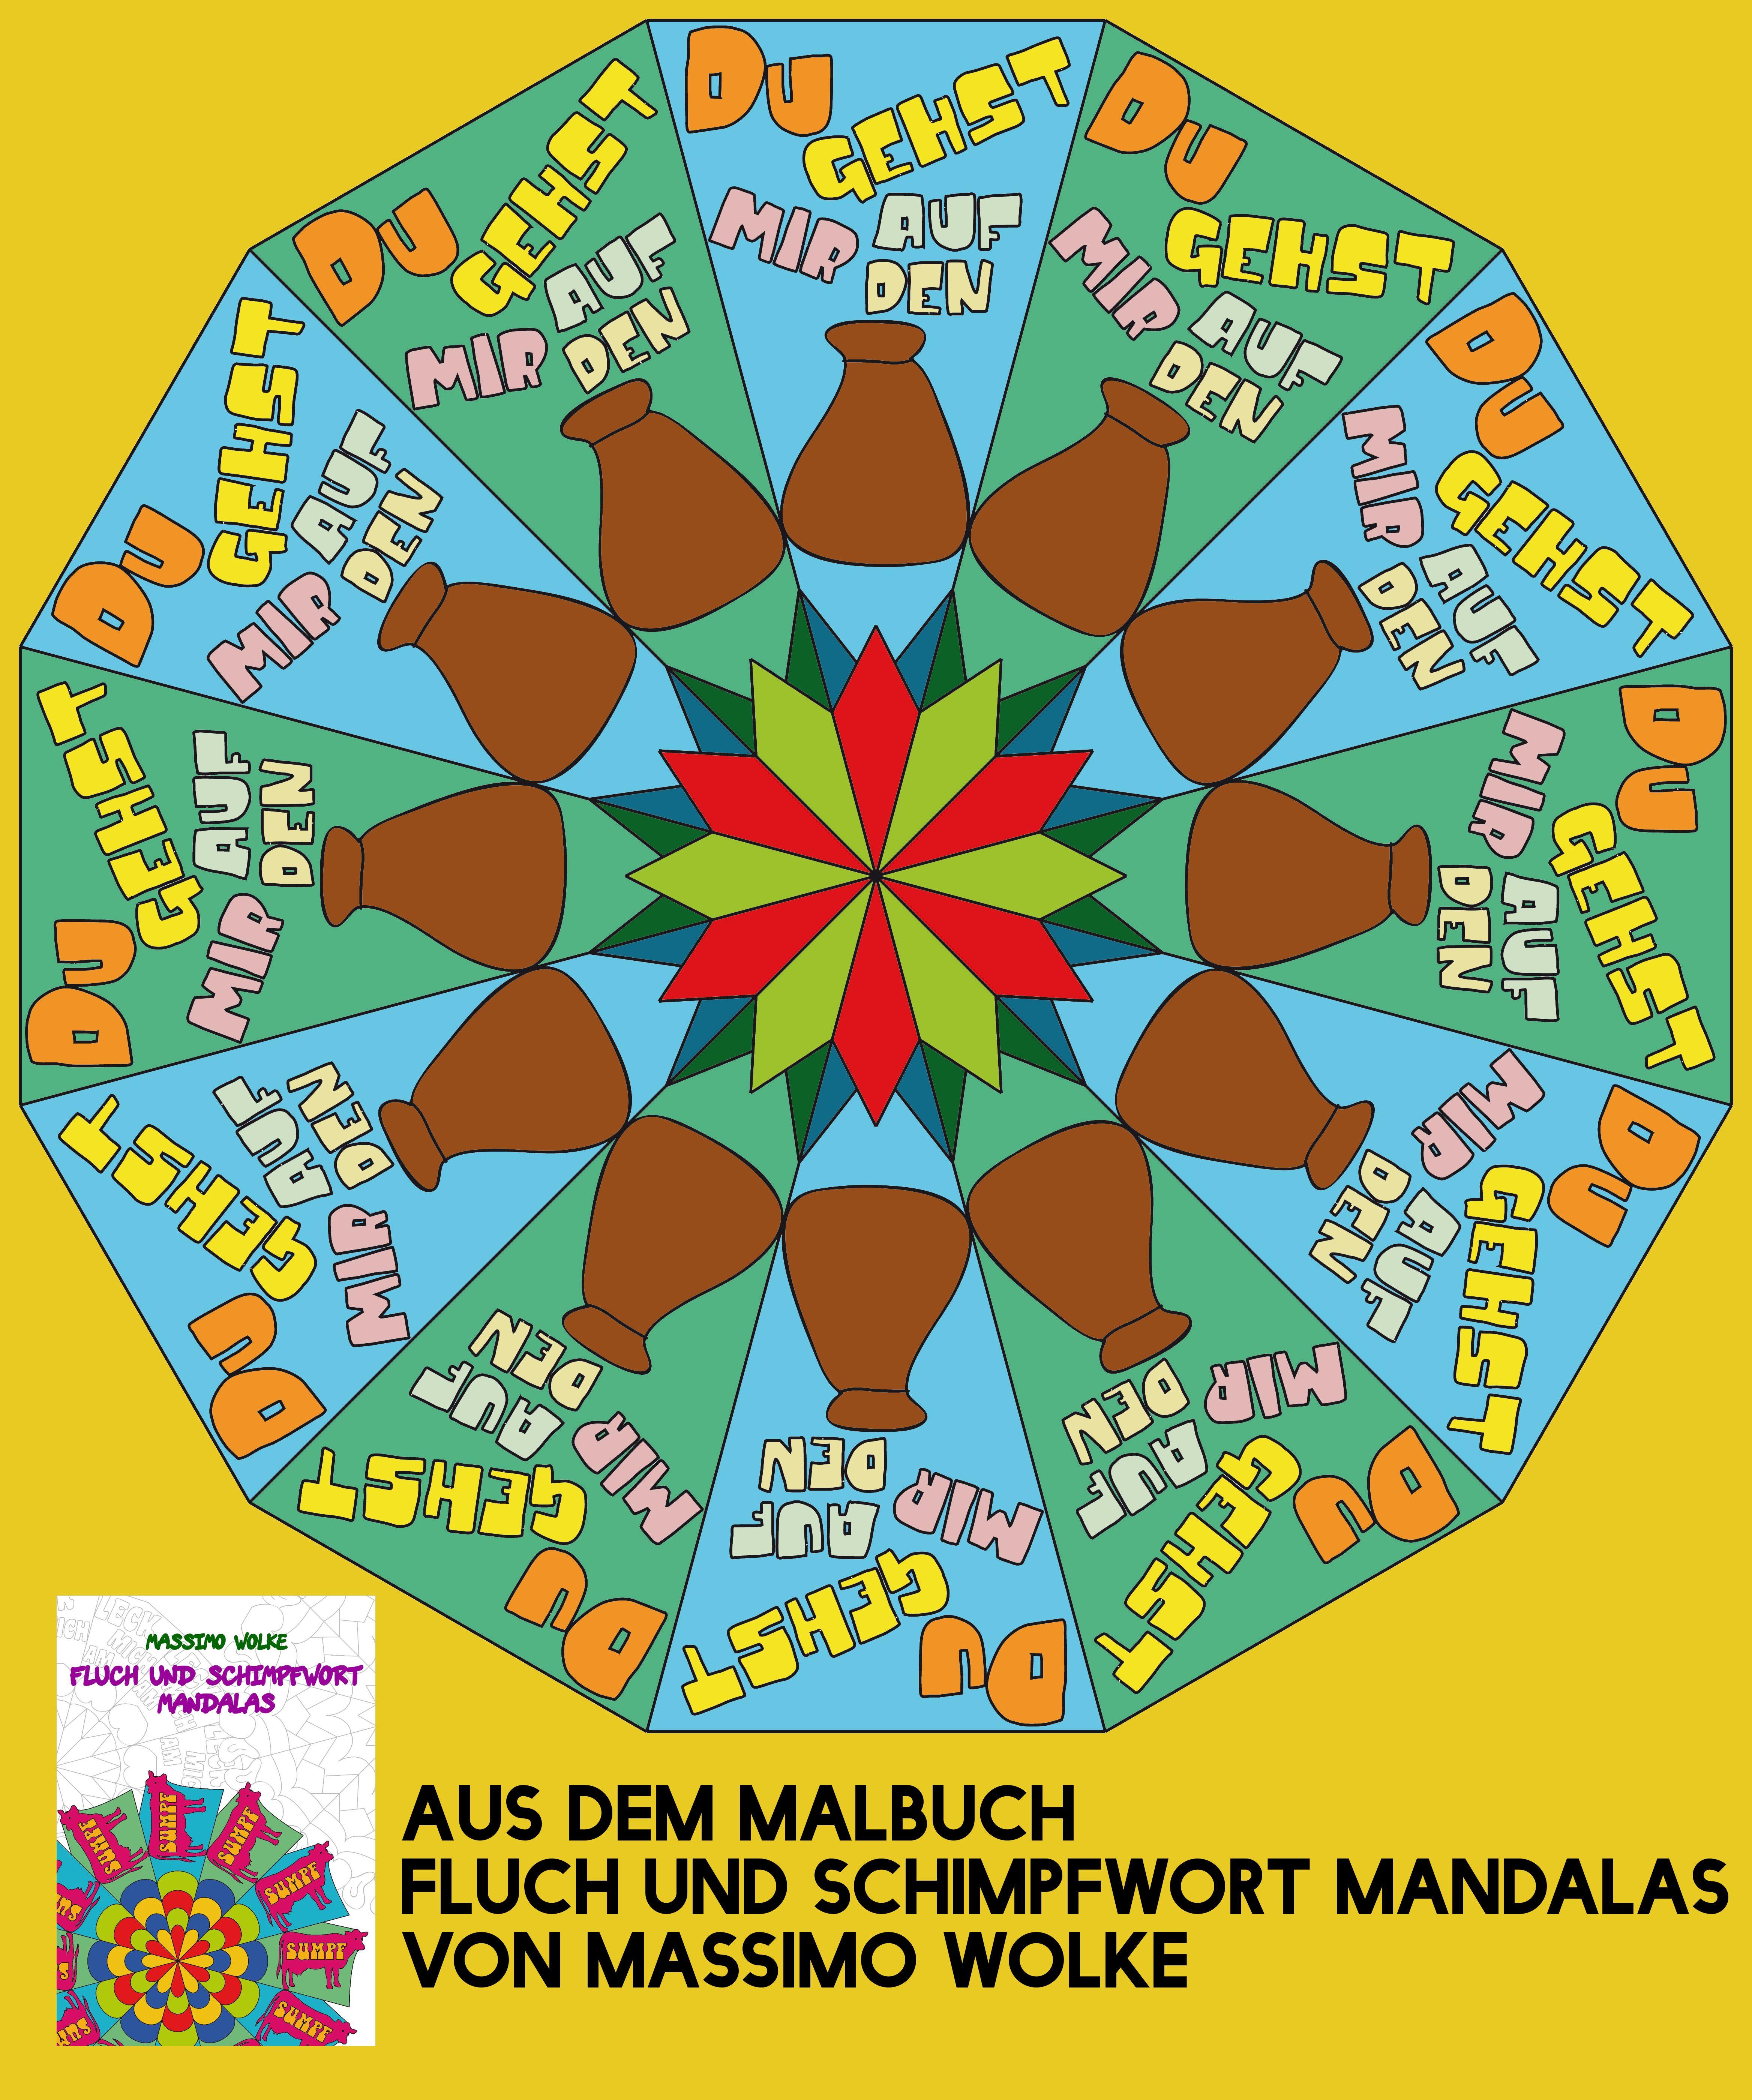 aus dem Malbuch von Massimo Wolke: Fluch und Schimpfwort Mandalas ...